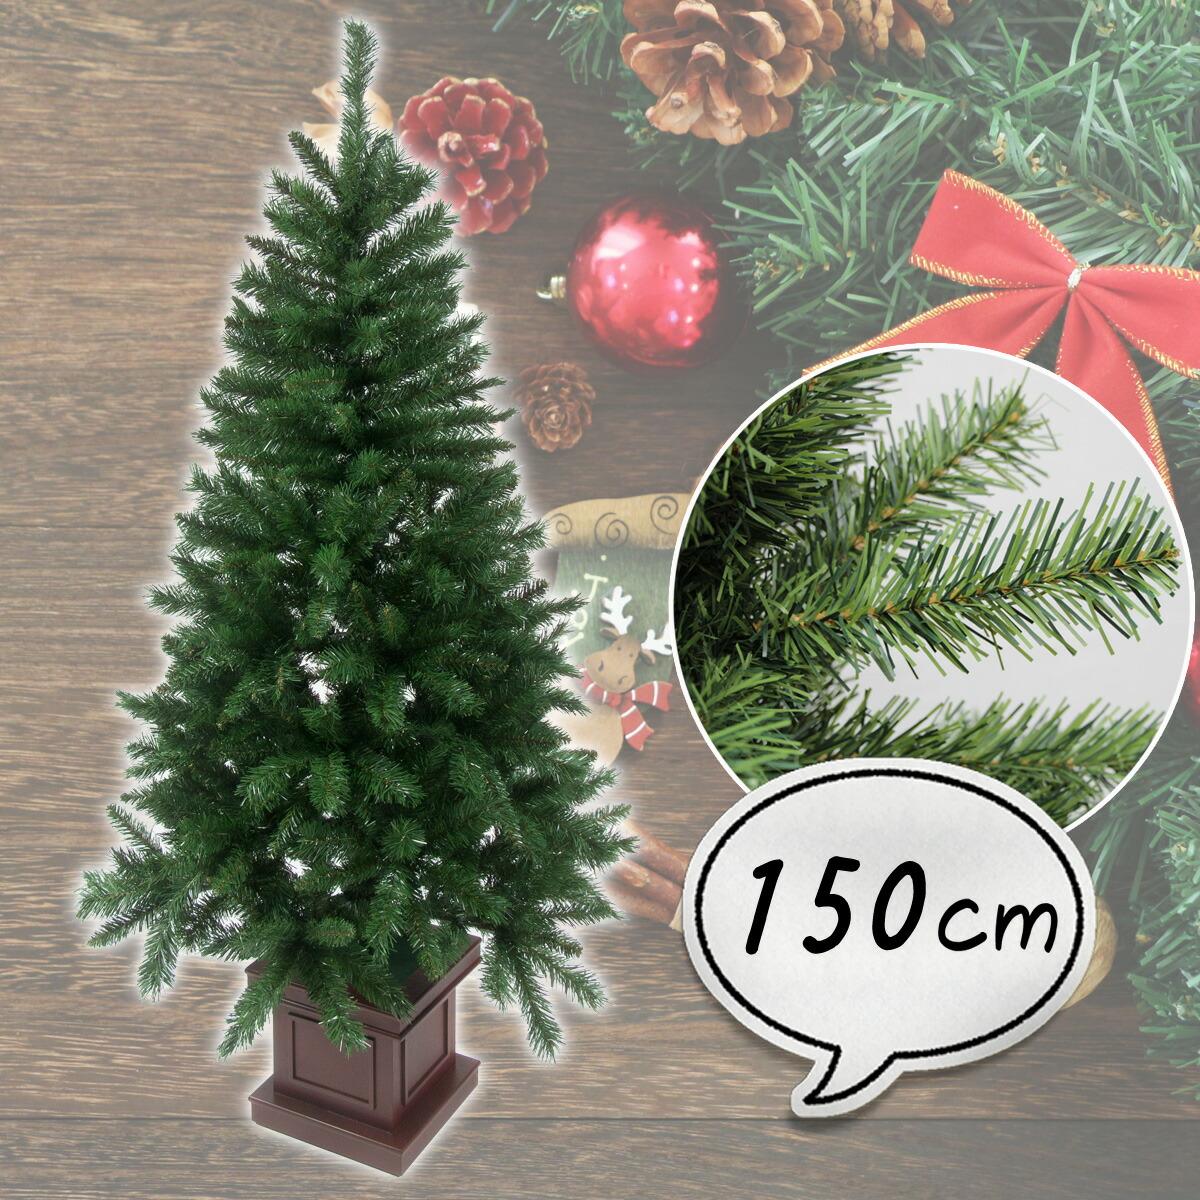 【8/8~8/16】夏期休暇 クリスマスツリー 150cm 木製ポットツリー グリーン ツリーの木 木製 ポット 北欧 おしゃれ